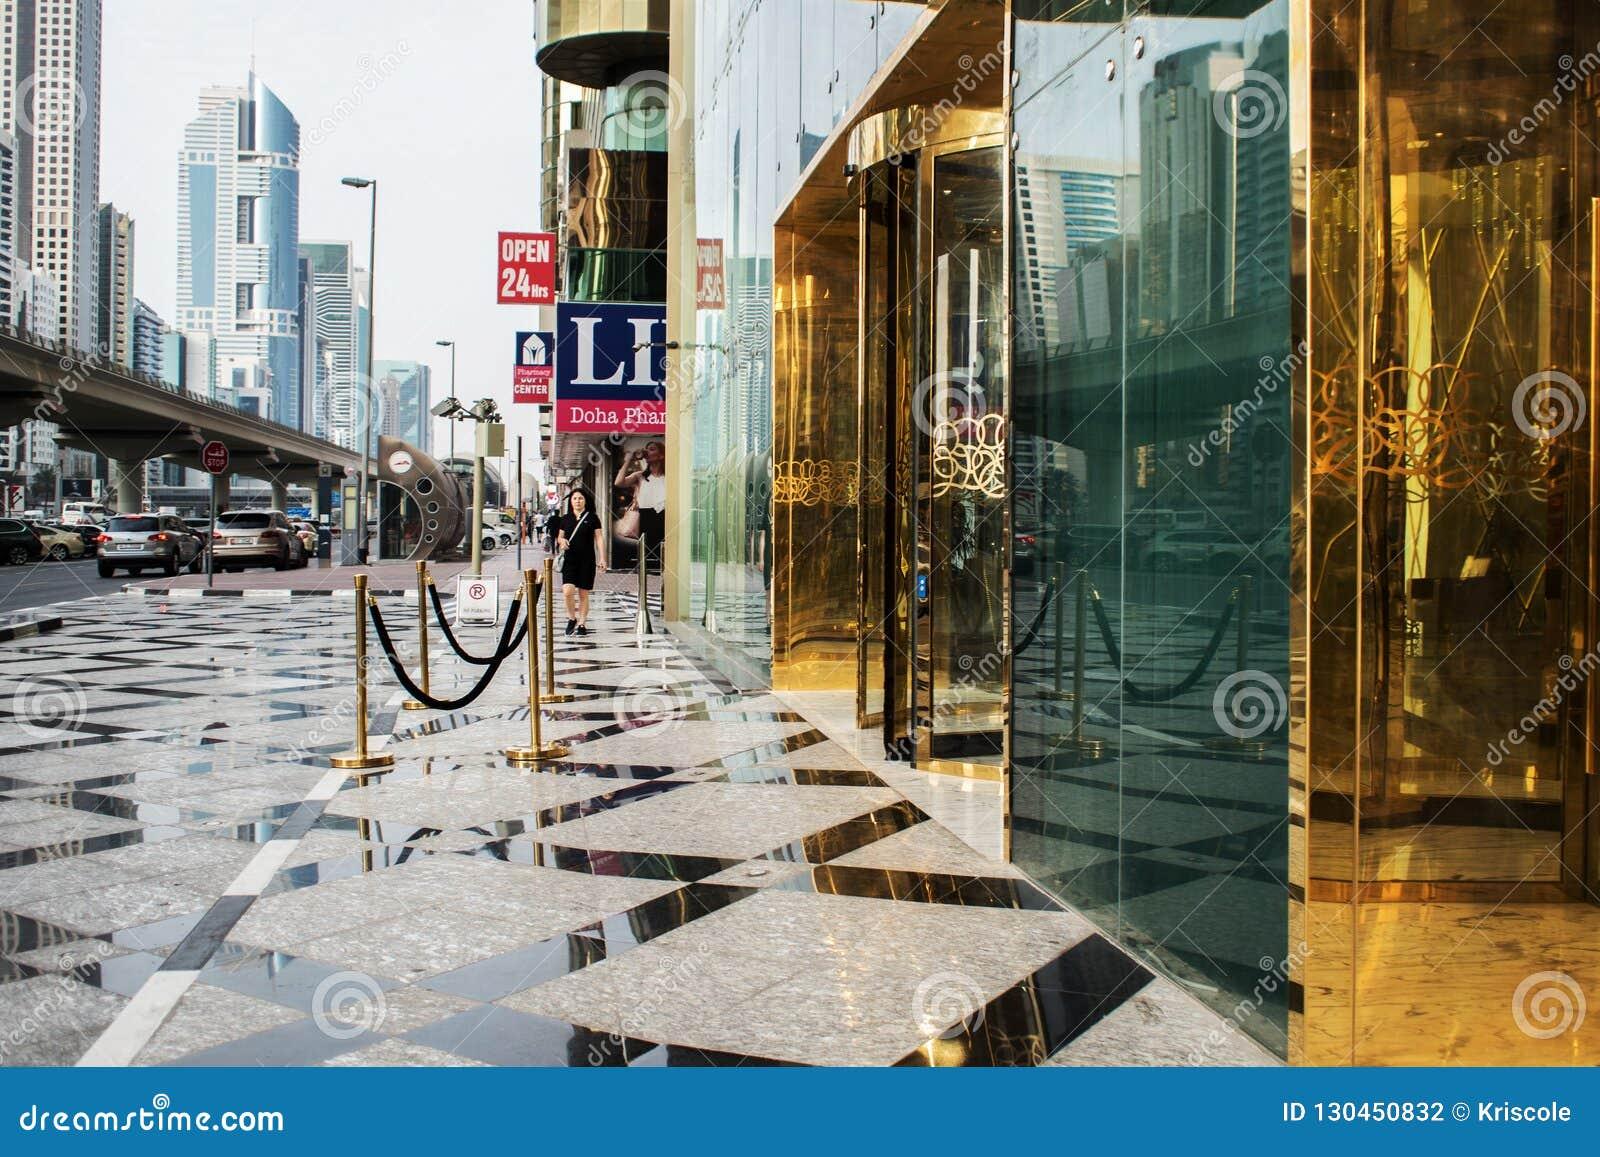 Дубай улицы купить недвижимость на родосе